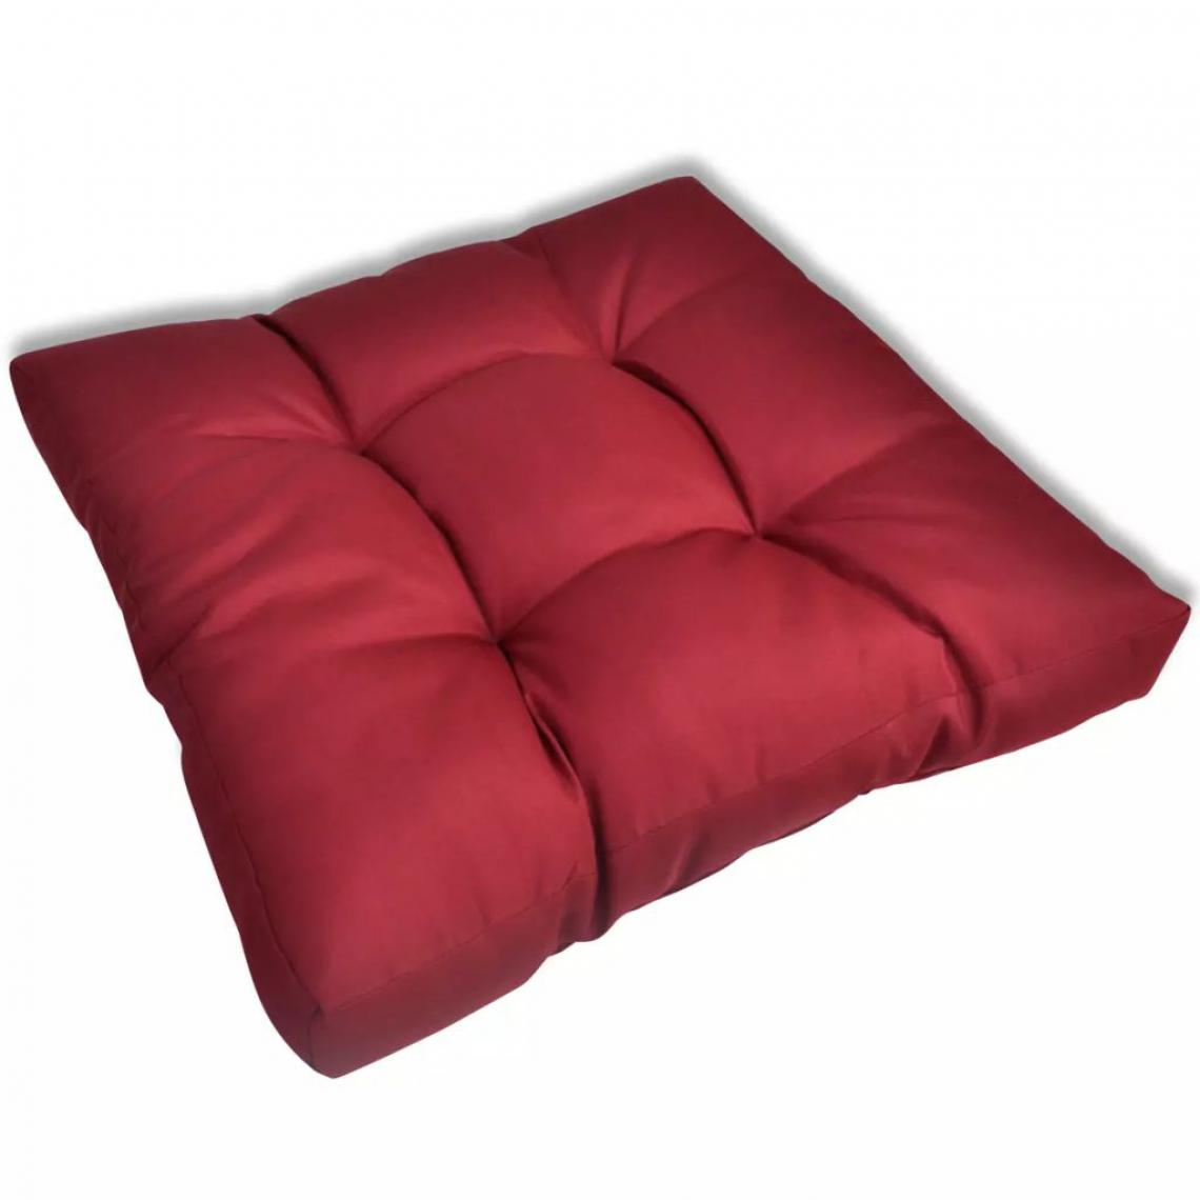 Decoshop26 Coussin de chaise intérieur ou extérieur 60x60x10 cm rouge bordeaux DEC021352